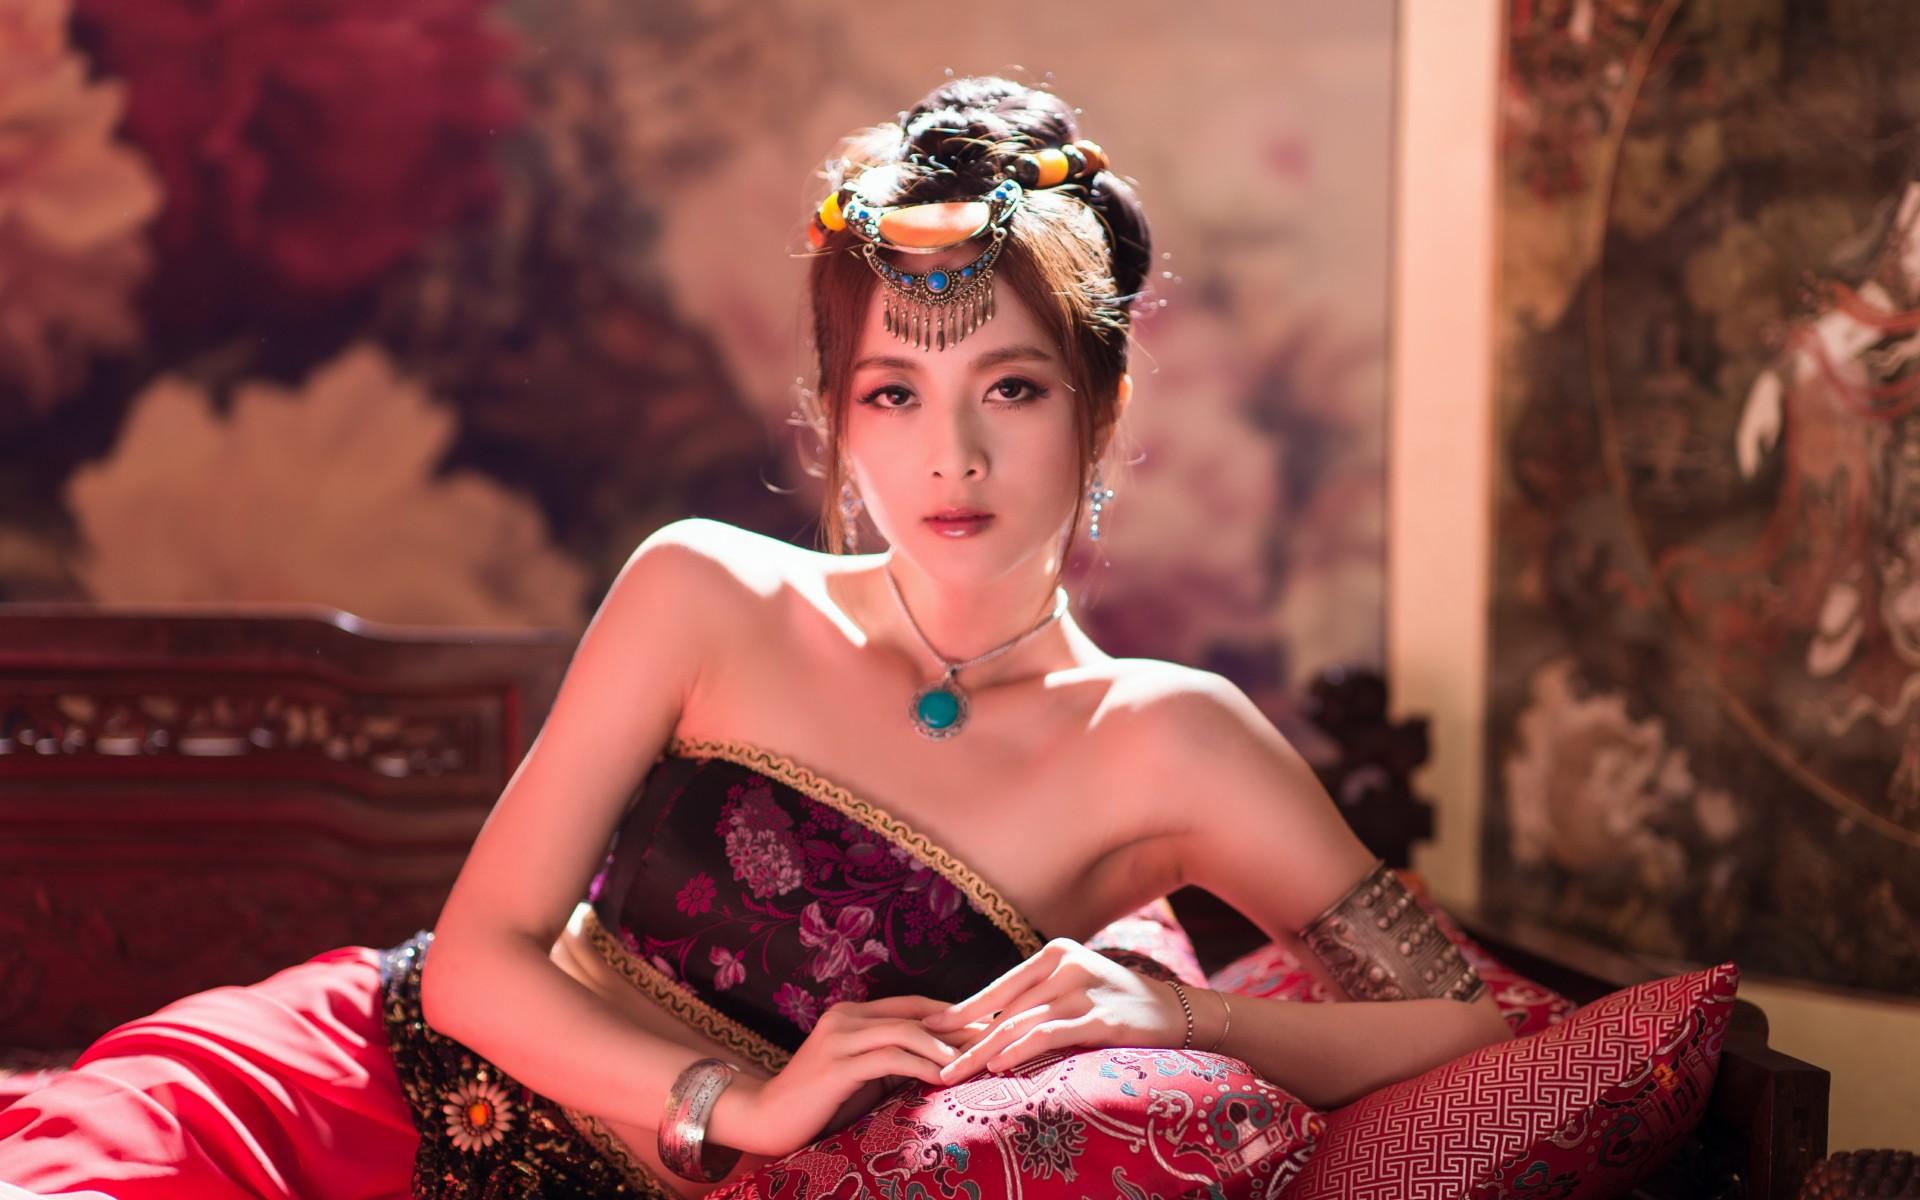 دختر آسیایی با گردنبند فیروزه ای